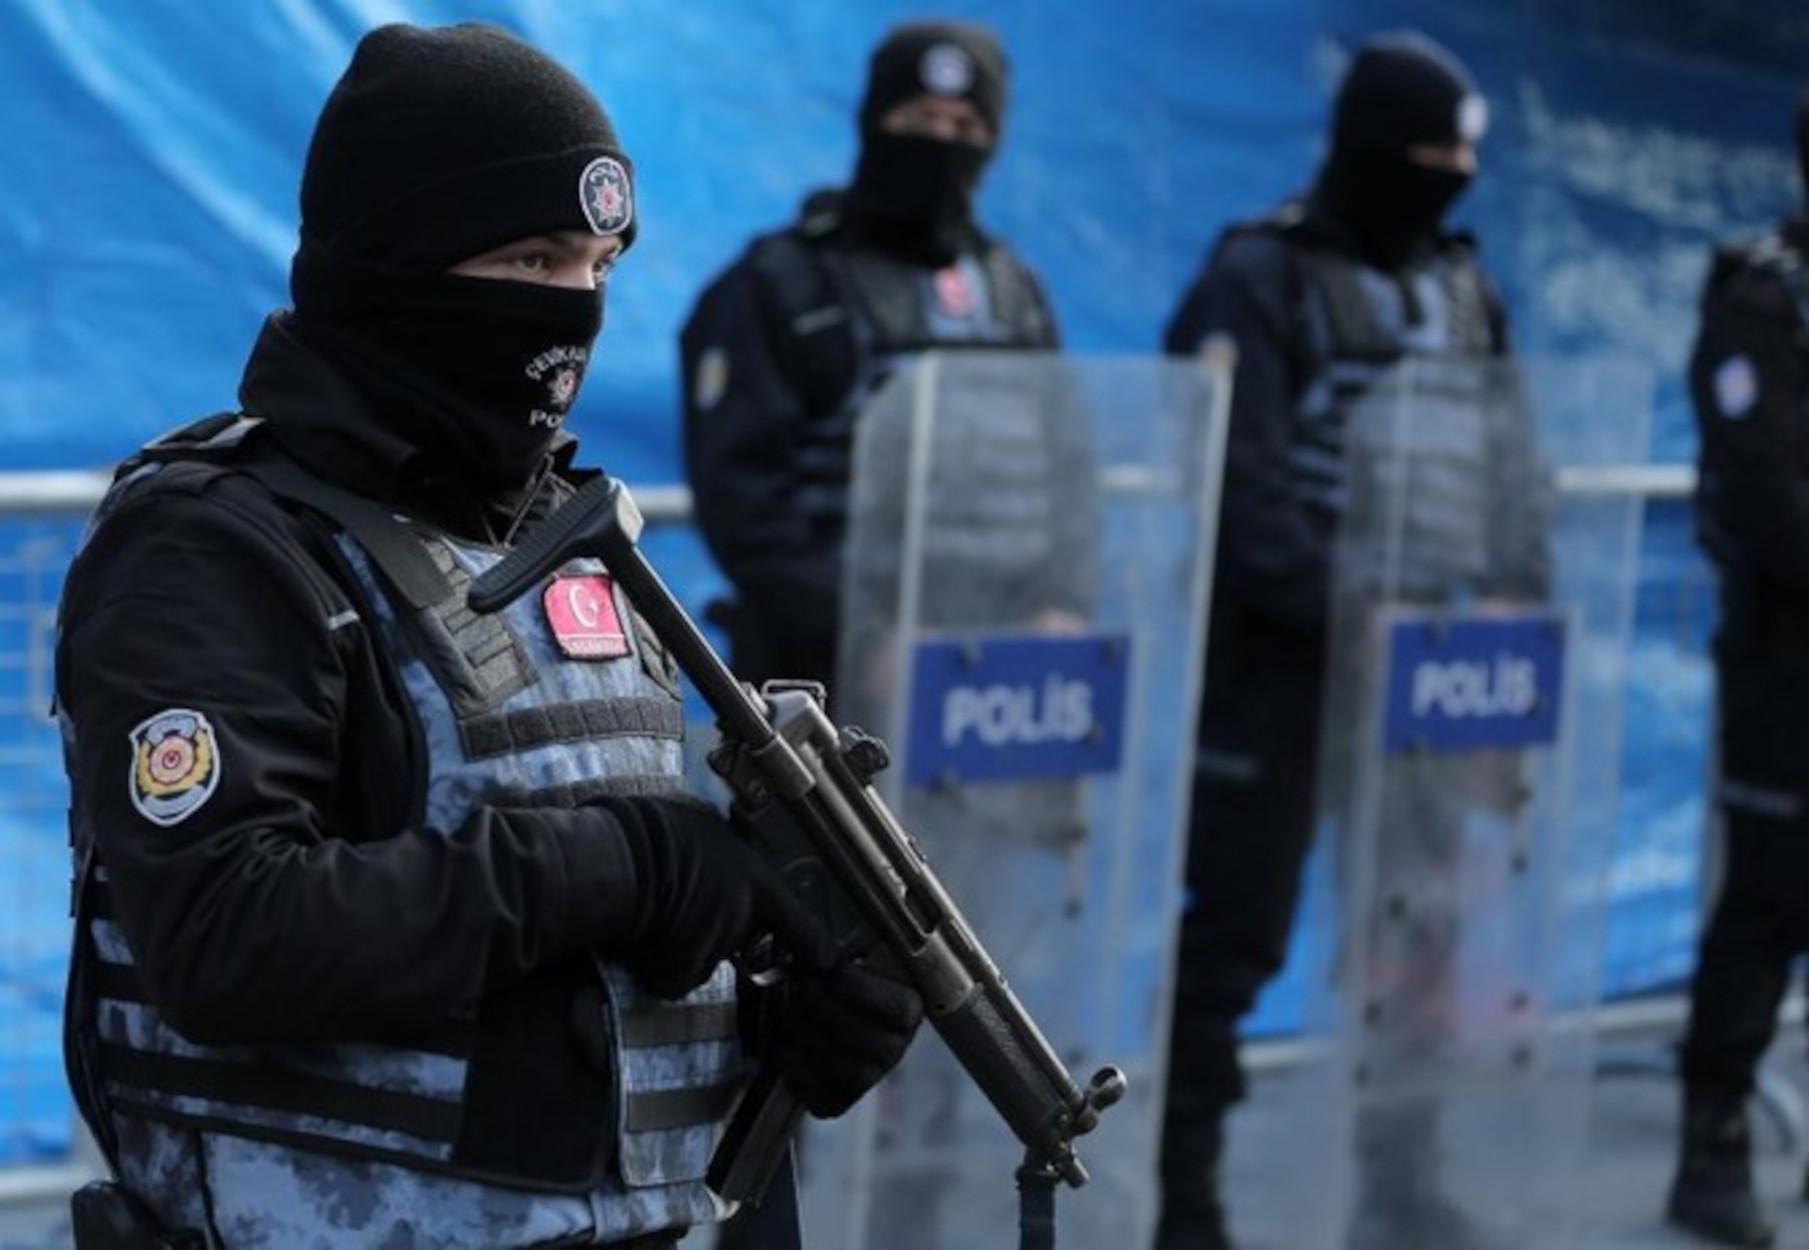 Τουρκία: 238 ακόμα συλλήψεις κατηγορούμενων για επαφές με τον Γκιουλέν